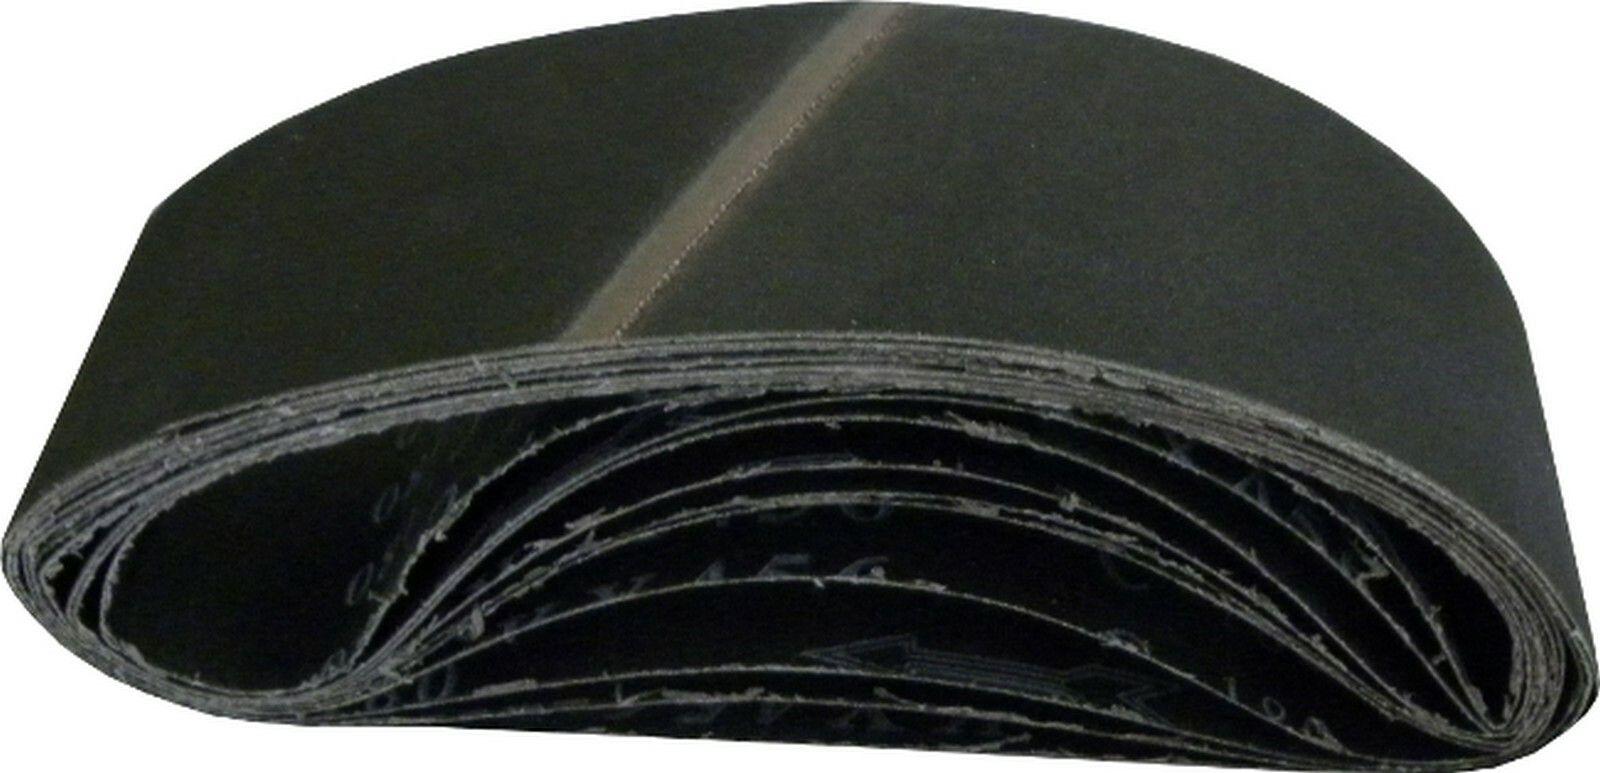 Plátno brusné nekonečný pás, 75x533mm, P40 GEKO